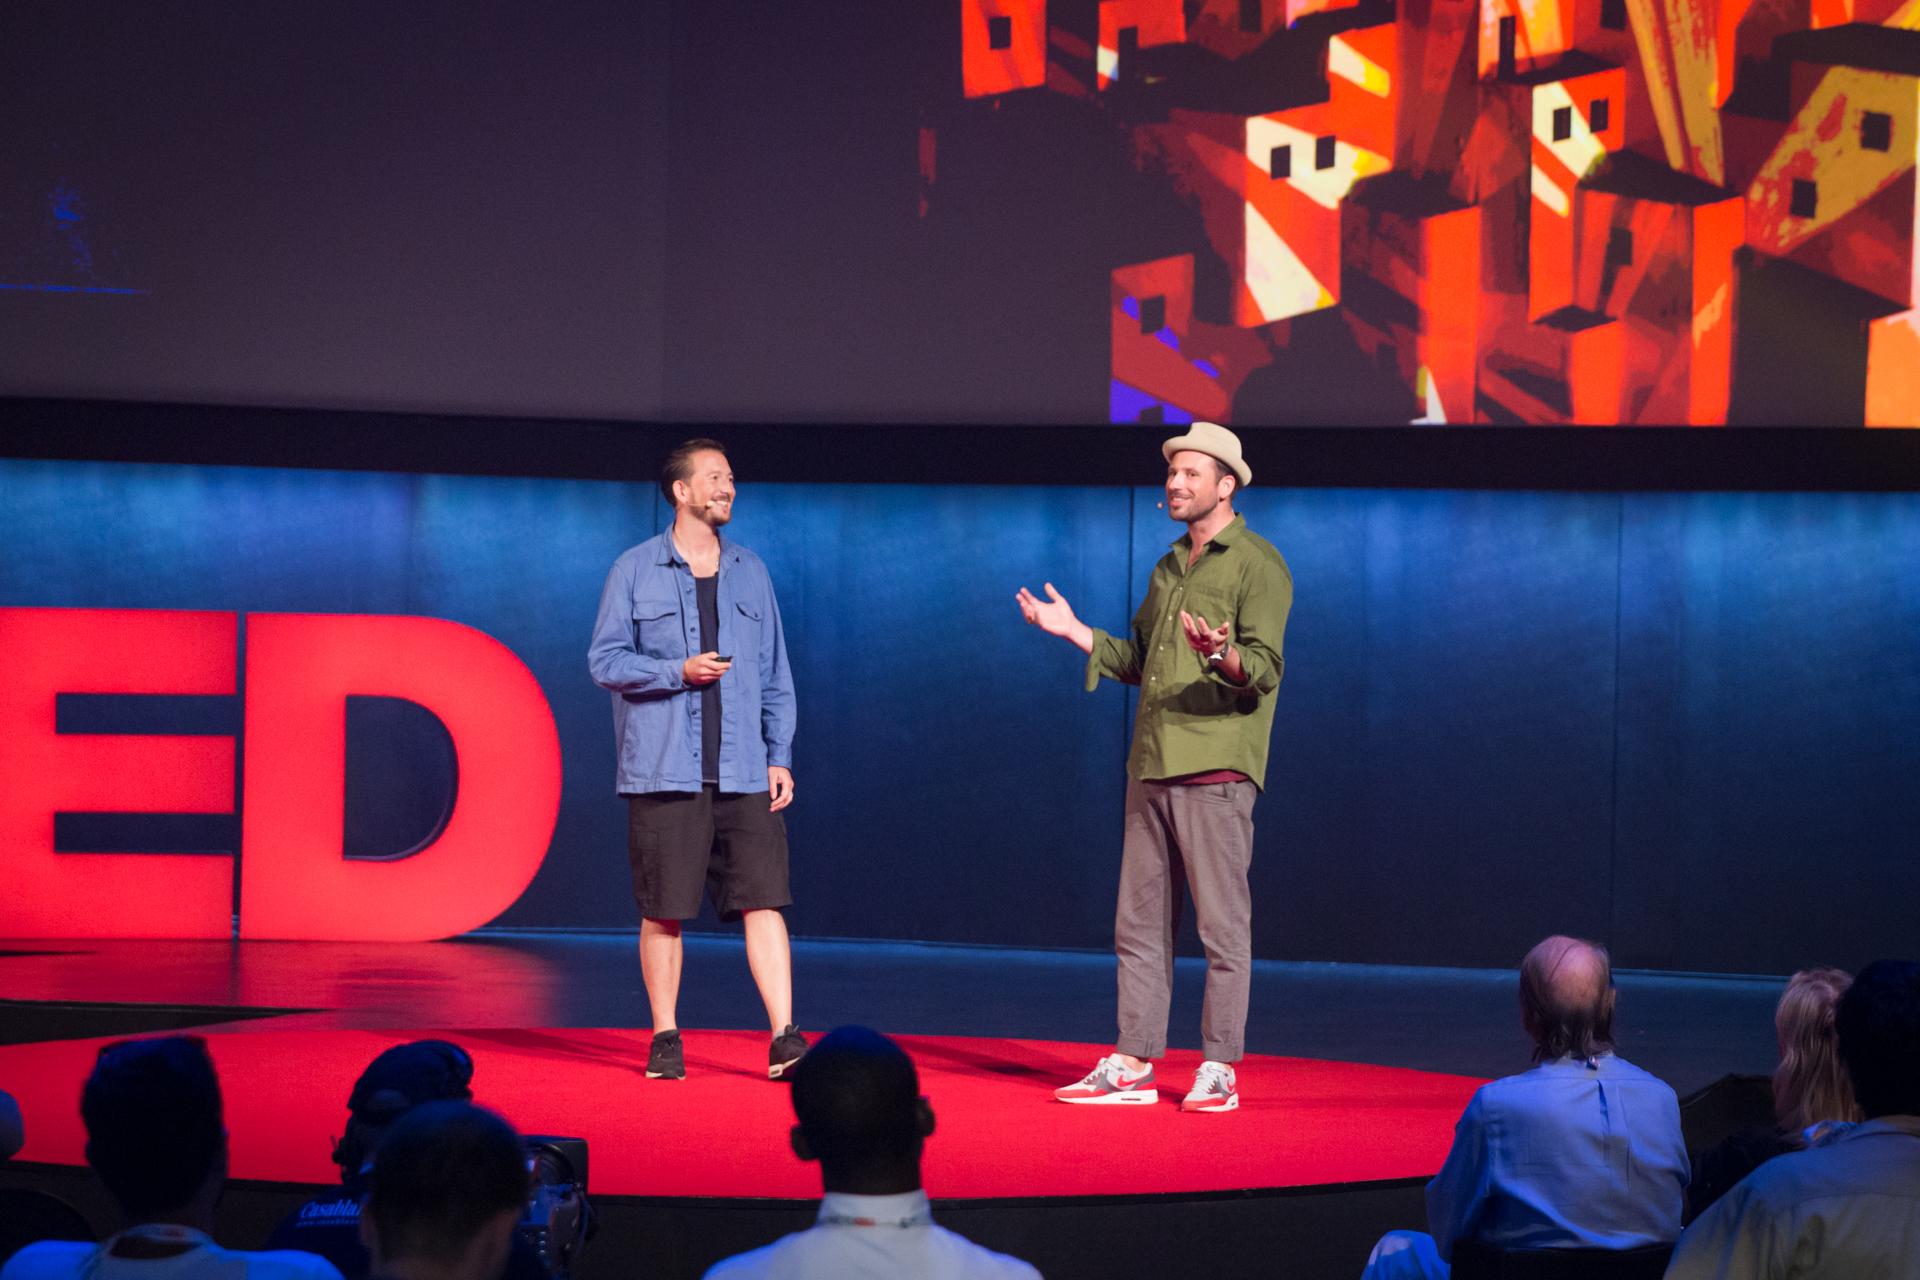 (L-R) Dre Urhahn and Jeroen Koolhaas speak at TEDGlobal 2014. Photo: James Duncan Davidson/TED